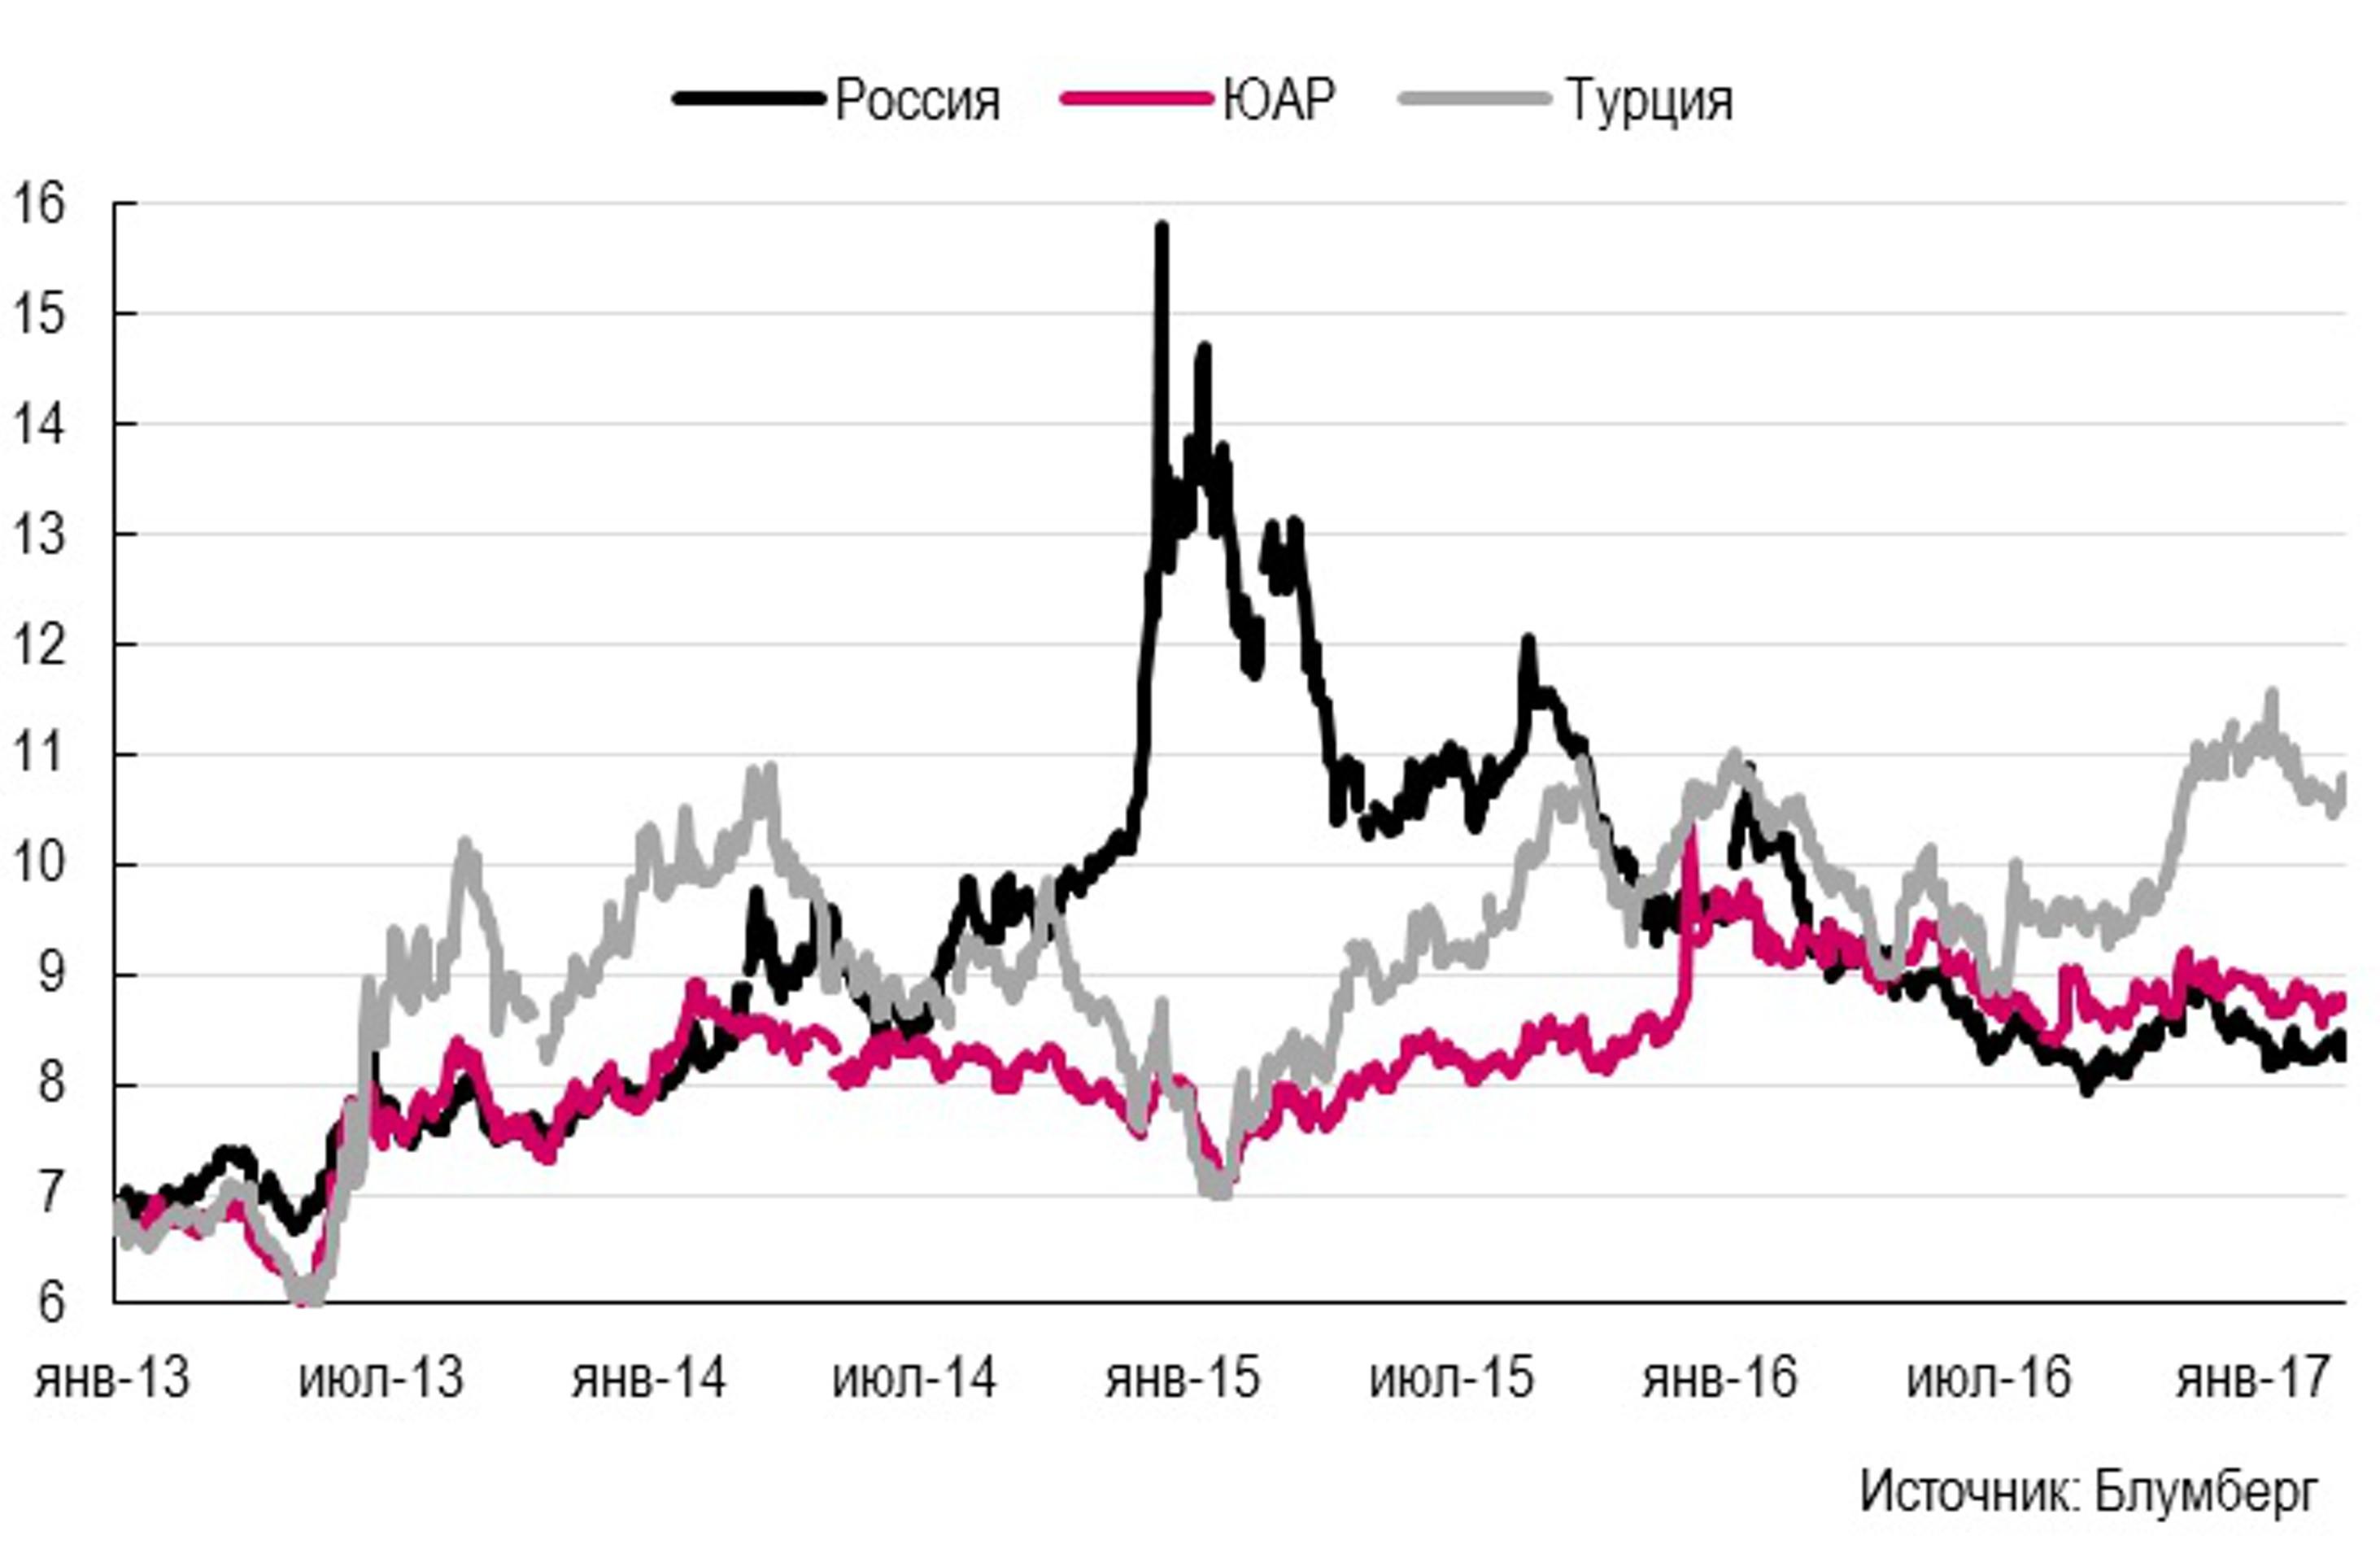 Акции против облигаций: мифы и реальность